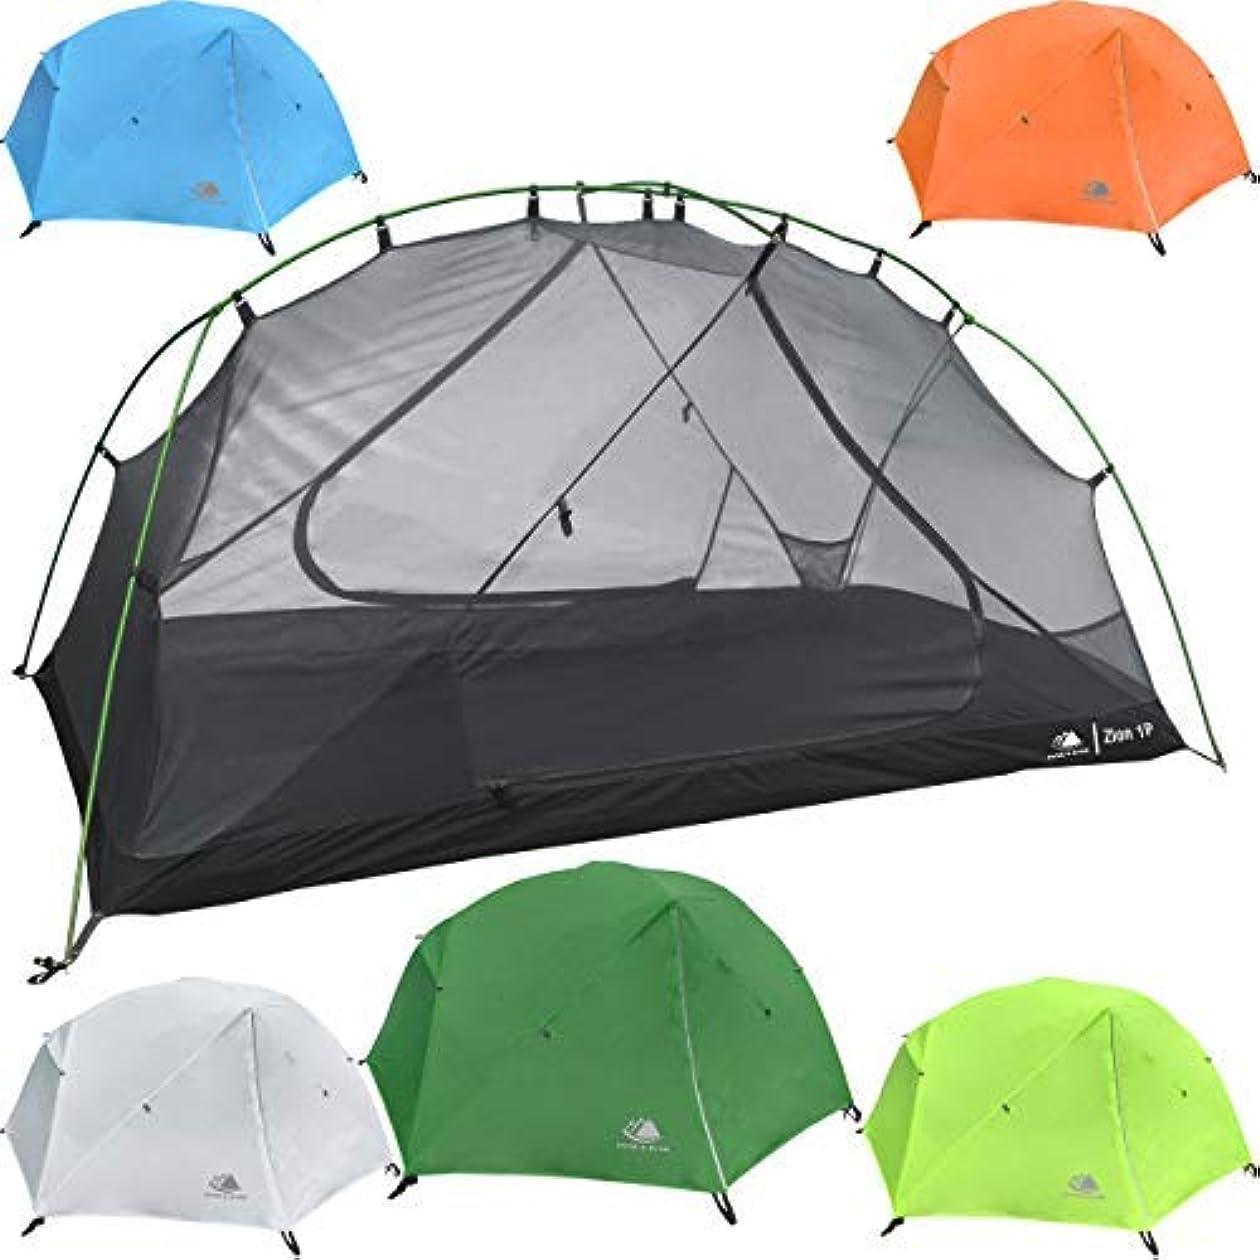 不和空港純粋なHyke & Byke 1 Person Backpacking Tent(テント) with Footprint - Lightweight Zion One Man 3 Season Ultralight, Waterproof, Ultra Compact 1p Freestanding Backpack Tent(テント)s for Camping and Hiking (Forest Green) [並行輸入品]